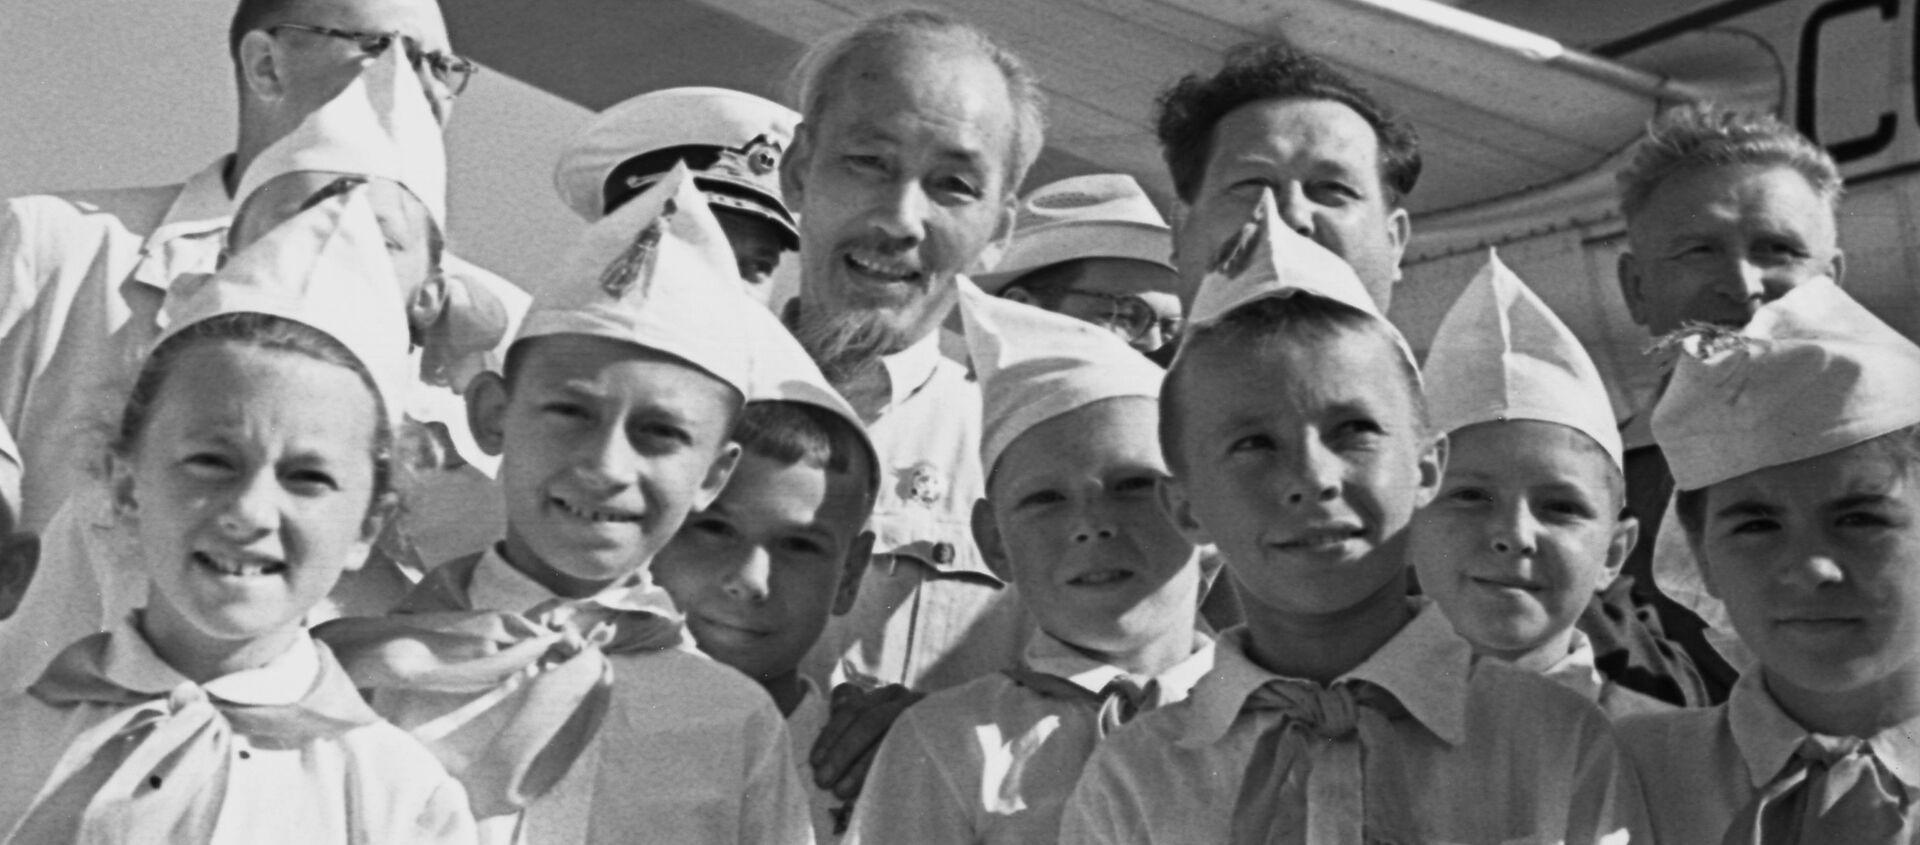 Chủ tịch nước Việt Nam DCCH Hồ Chí Minh thăm Sevastopol - Sputnik Việt Nam, 1920, 19.05.2020